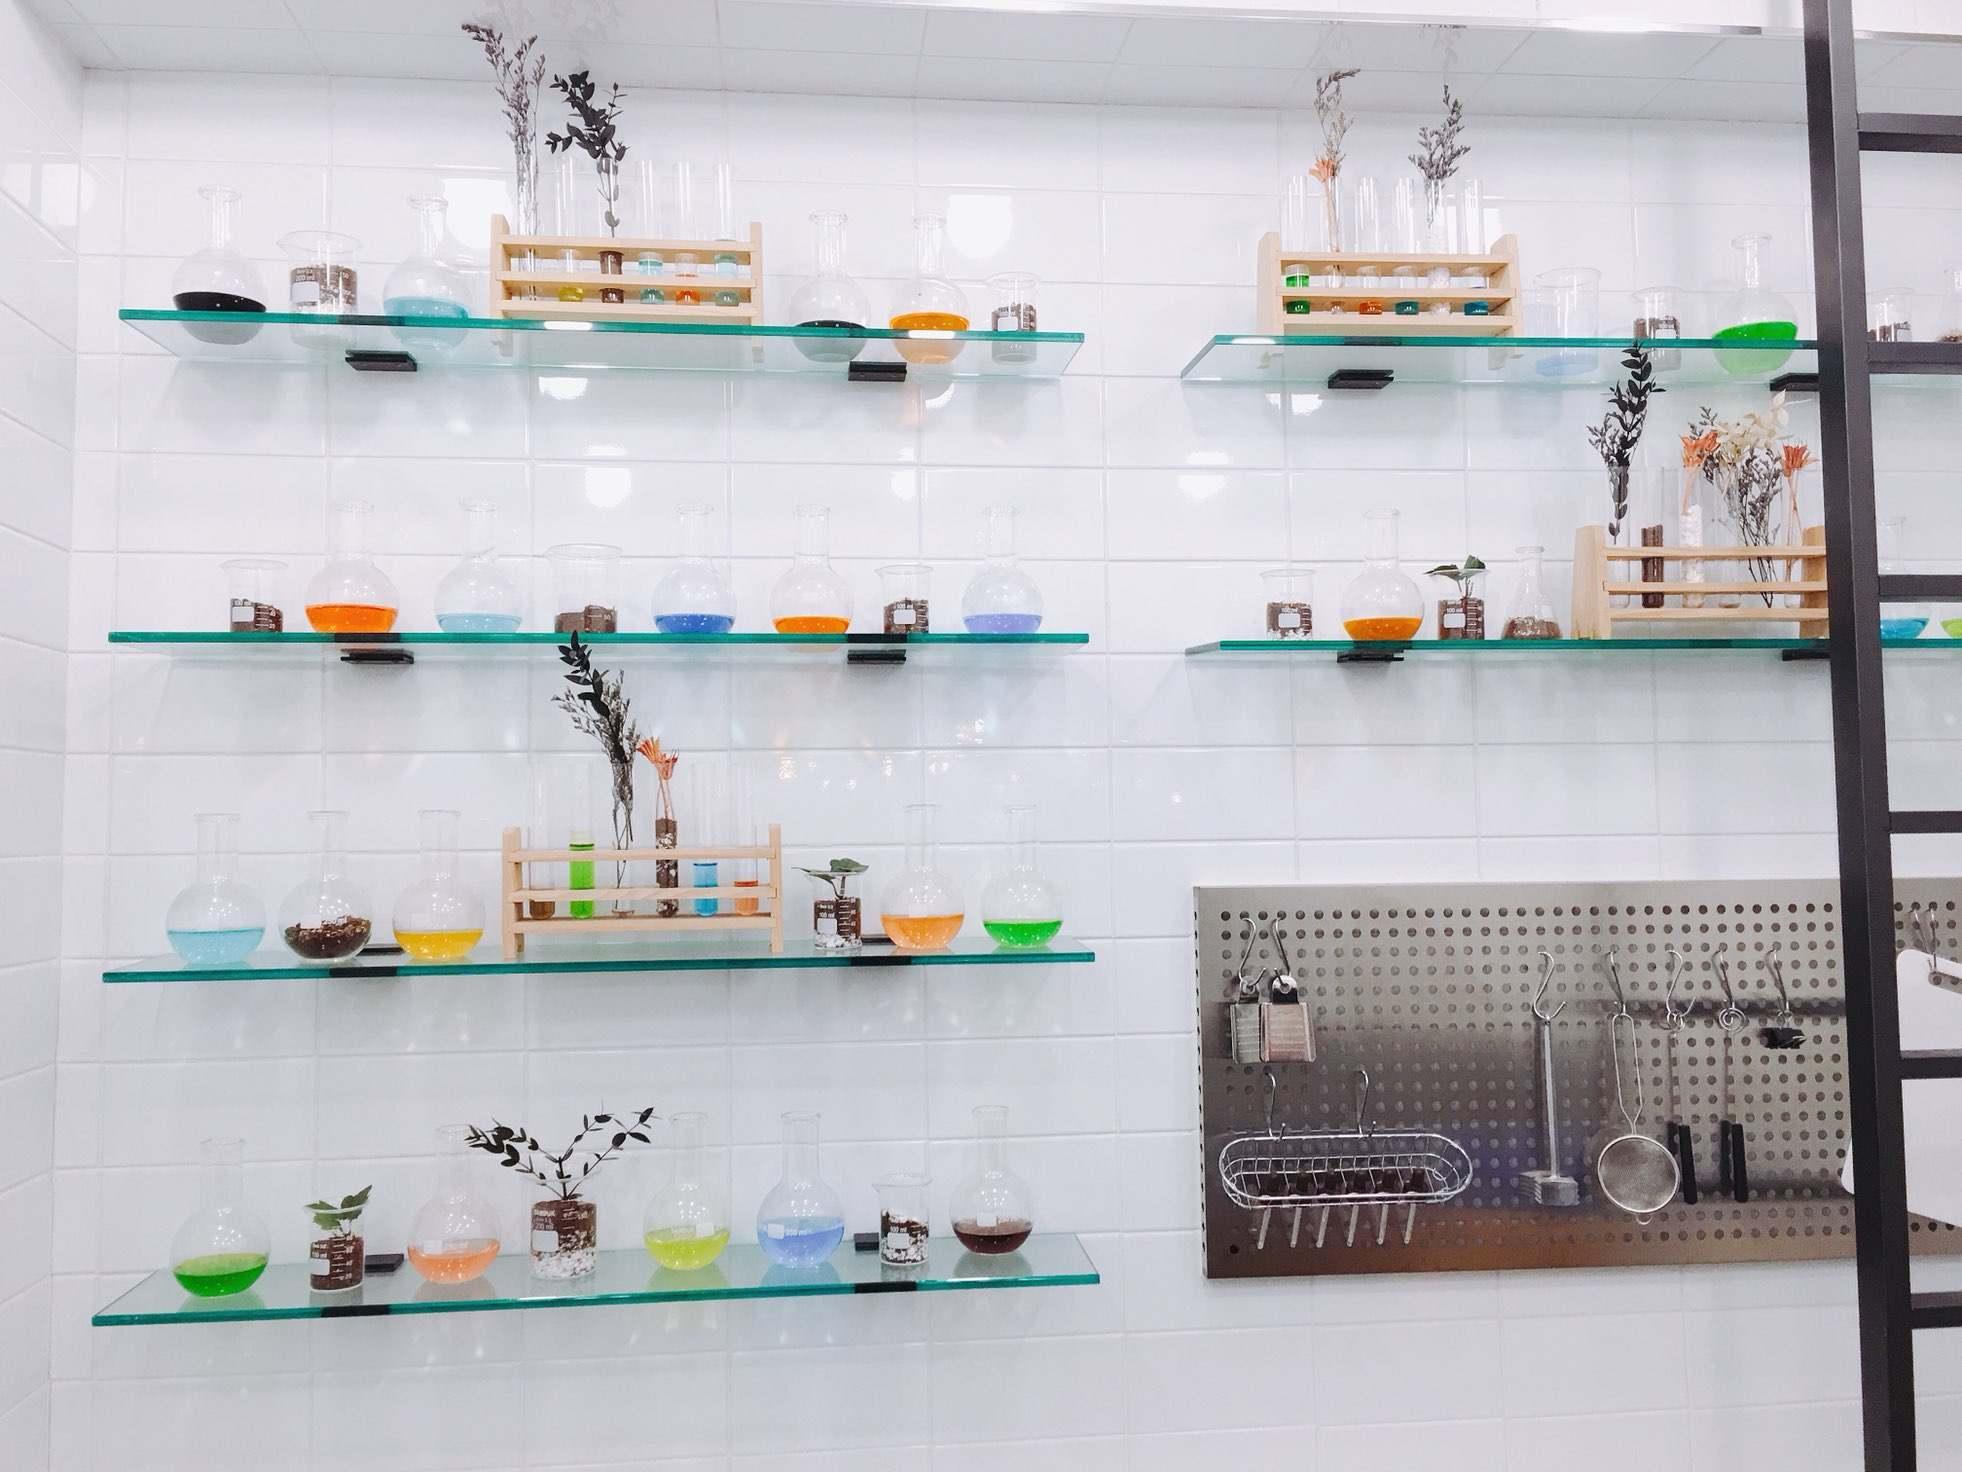 這裡則是小編特別喜歡的一區,符合咖啡廳的名字,裝飾成研究室的感覺,用量杯裝著不同顏色的水和土壤,真的很有創意呢~